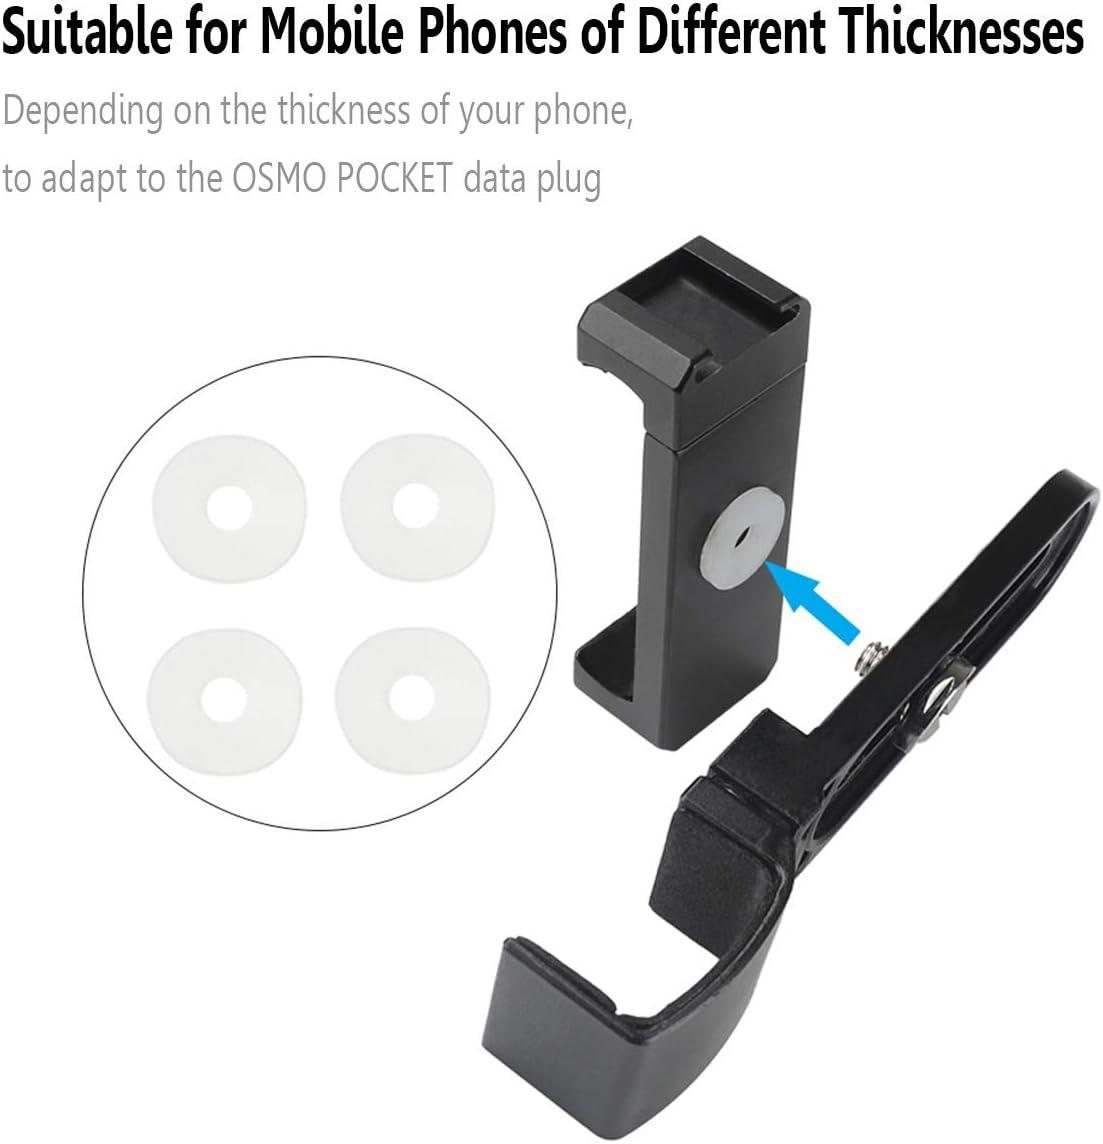 """Owoda Mis /à Niveau OSMO Pocket Support de t/él/éphone All Alliage daluminium Adsorption magn/étique avec Interface /à Griffe Froide Filetage 1//4 /"""" pour Accessoires de DJI OSMO Pocket"""